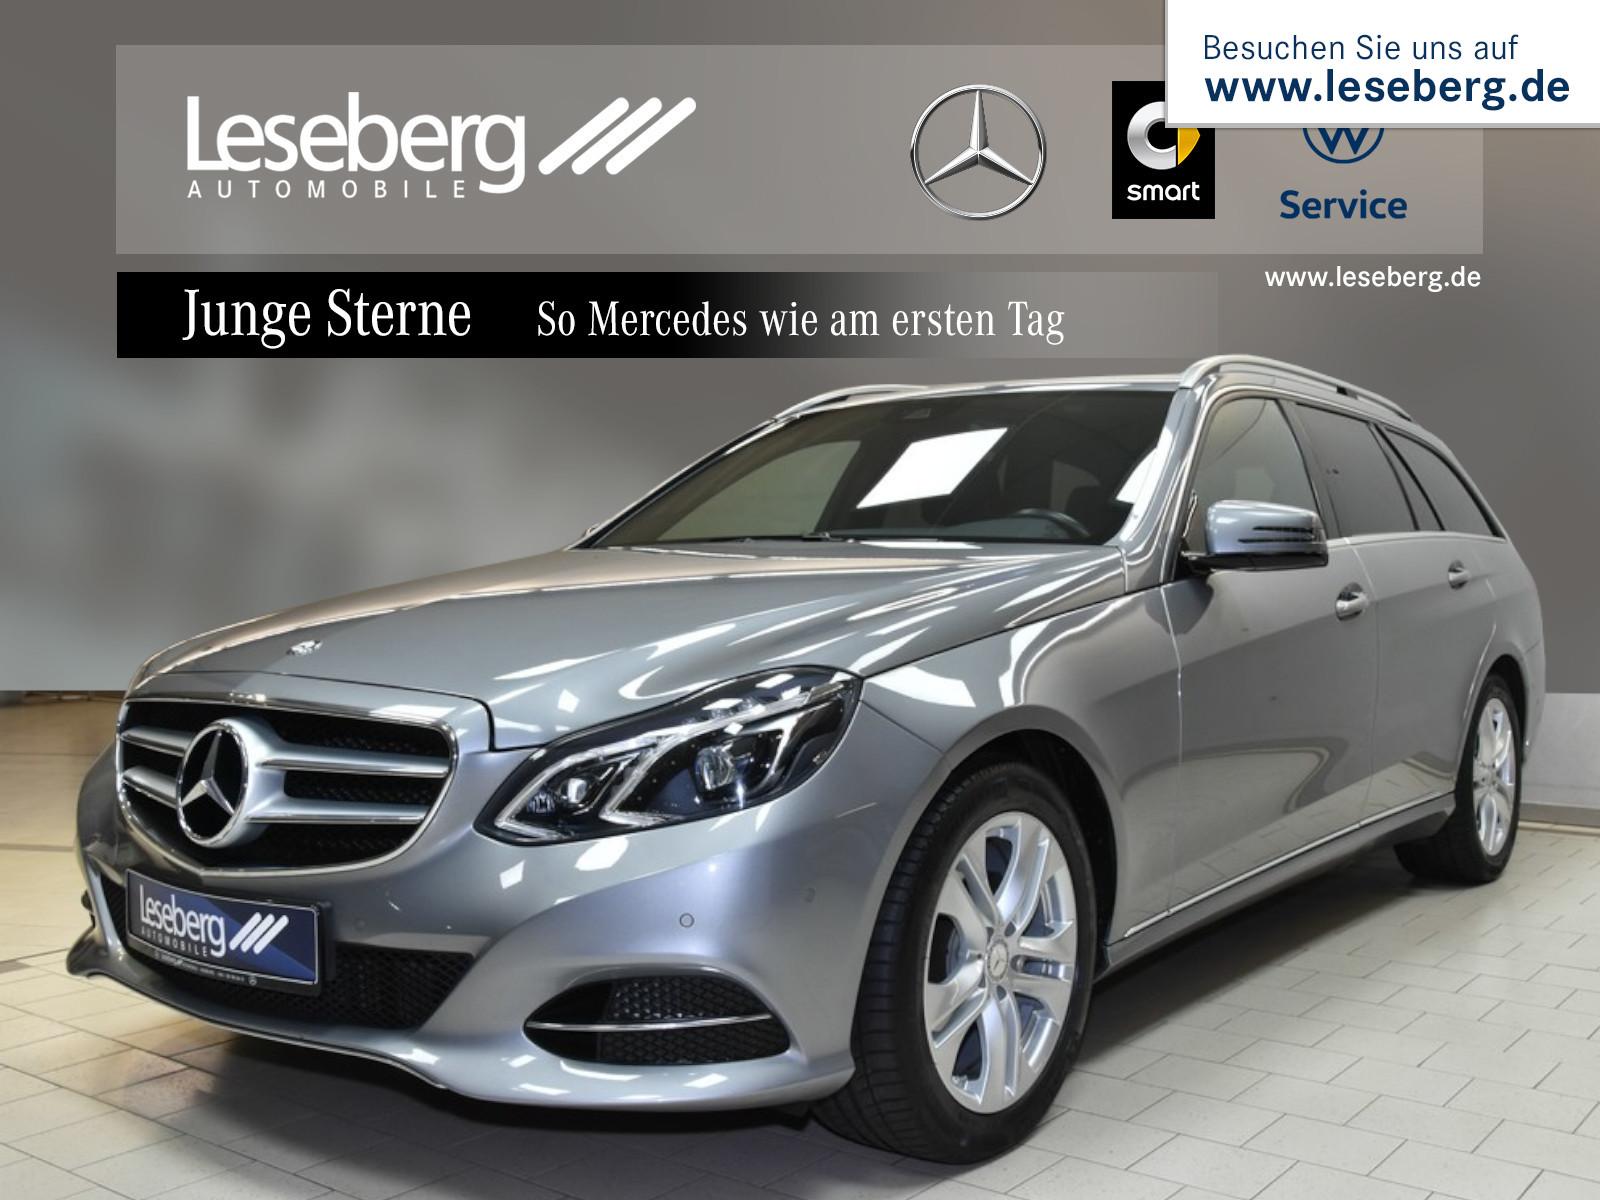 Mercedes-Benz E 200 CDI T Avantgarde/7G/LED/Navigation/SHZ/PTS, Jahr 2014, Diesel